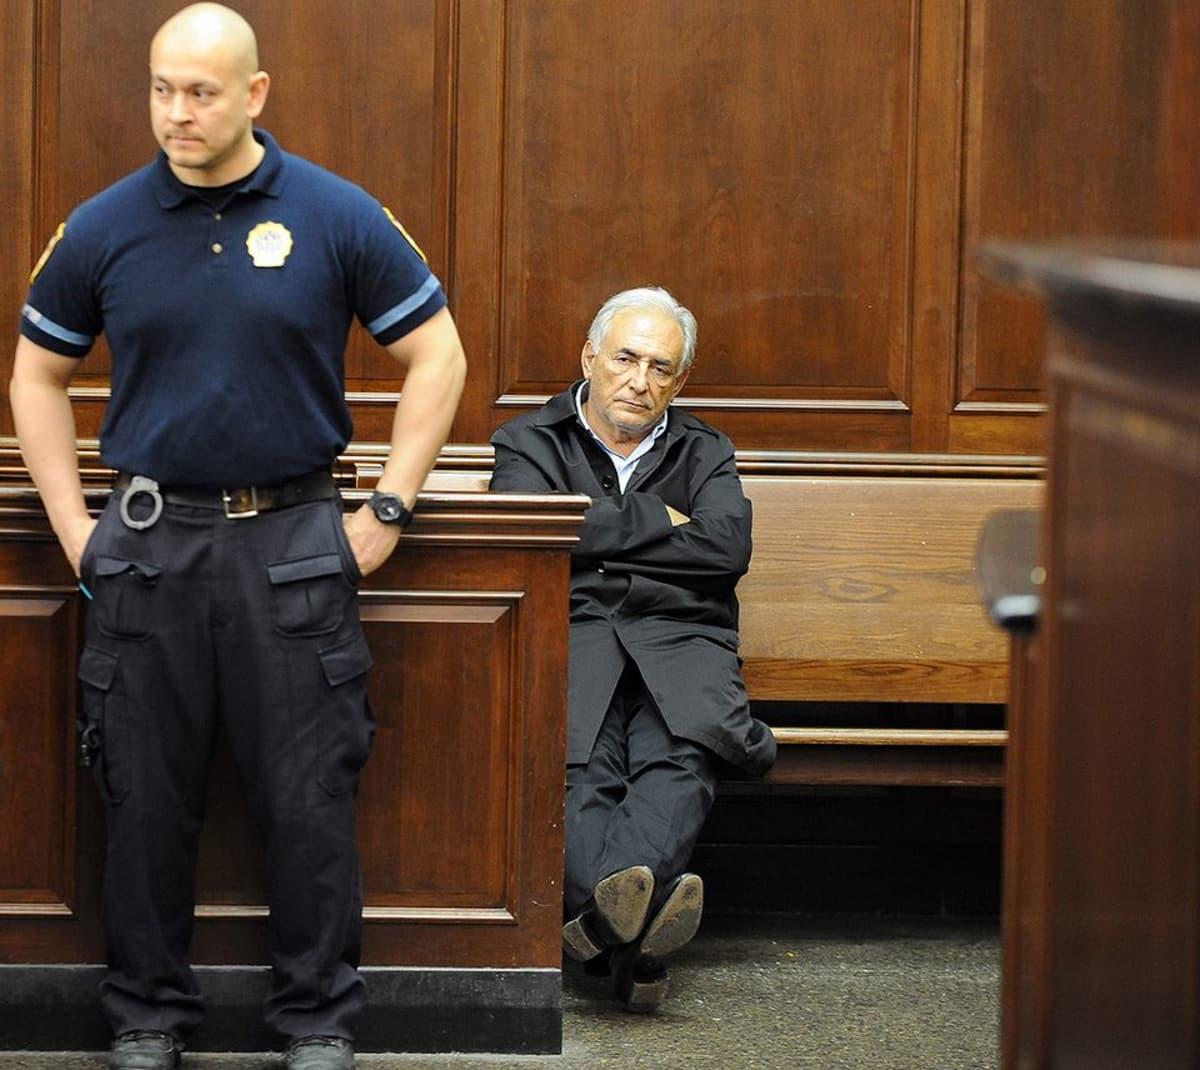 IMF:n entinen johtaja Dominique Strauss-Kahn odottaa kuulemisensa alkua oikeussalissa.